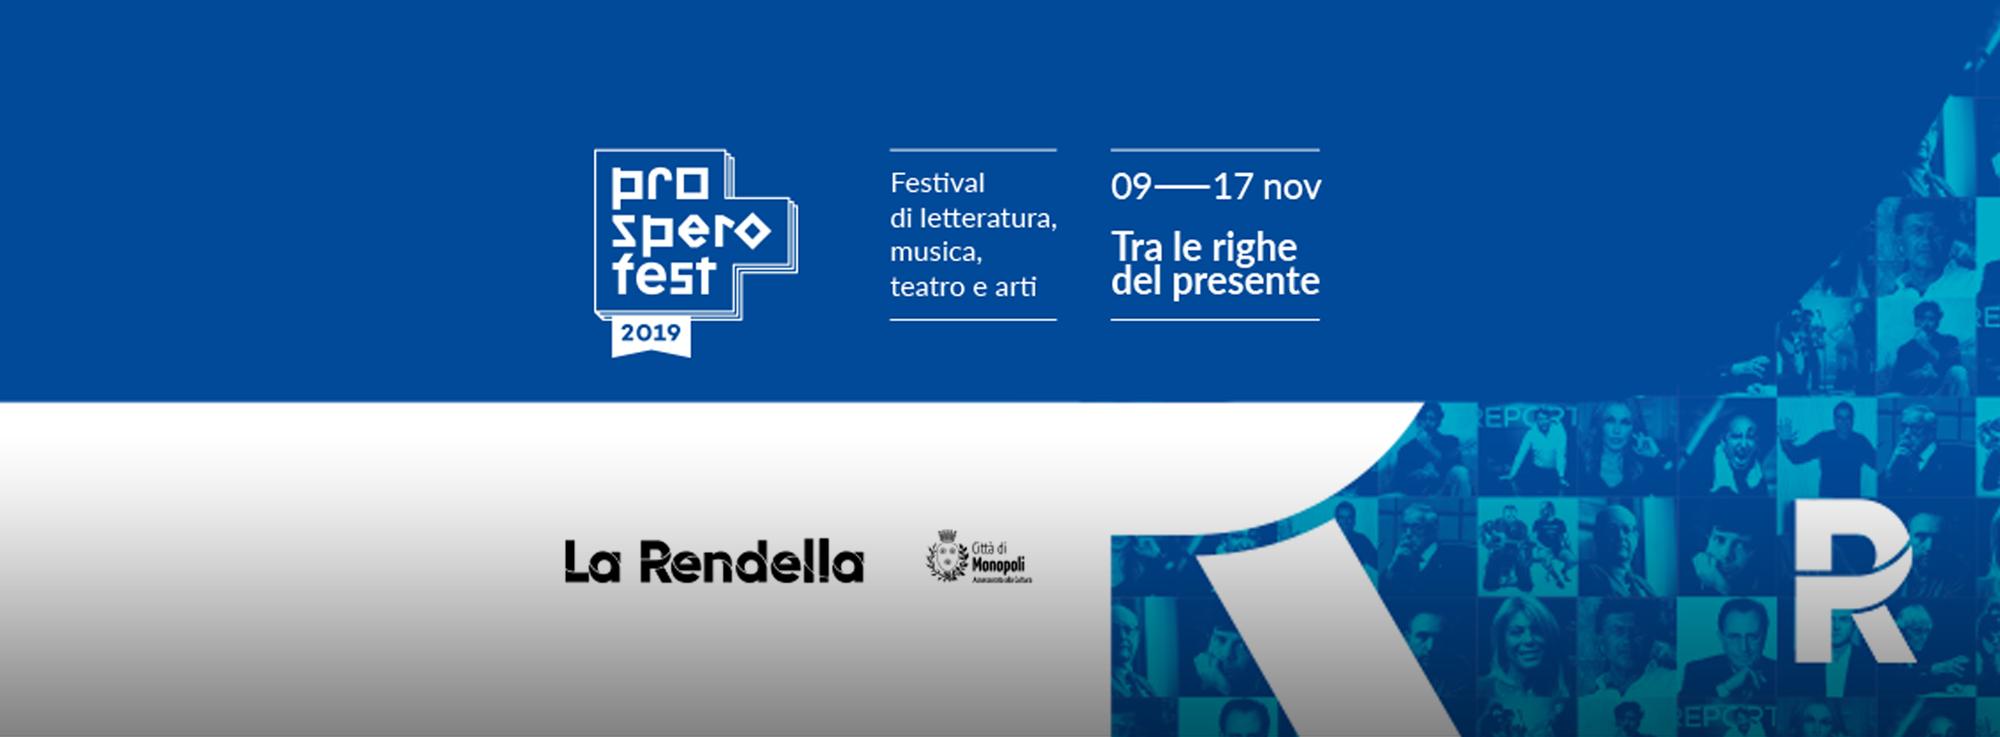 Monopoli: Prospero Fest